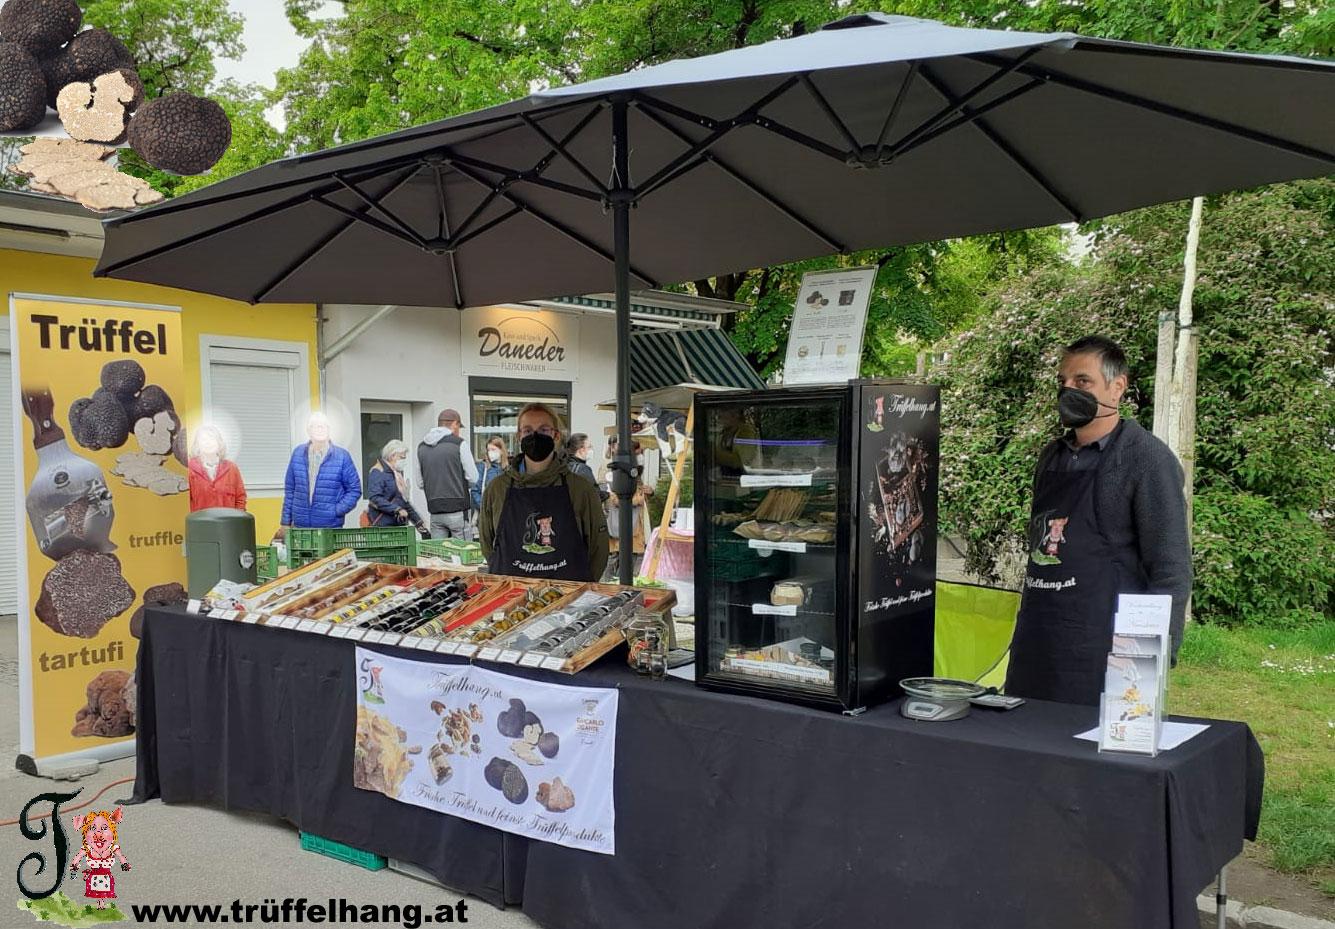 Marktstand von Trueffelhang.at am Hauptplatz, Lentia City, auf der Food Street Market Tour oder am Südbahnhofmarkt Linz - Trüffelmarkt